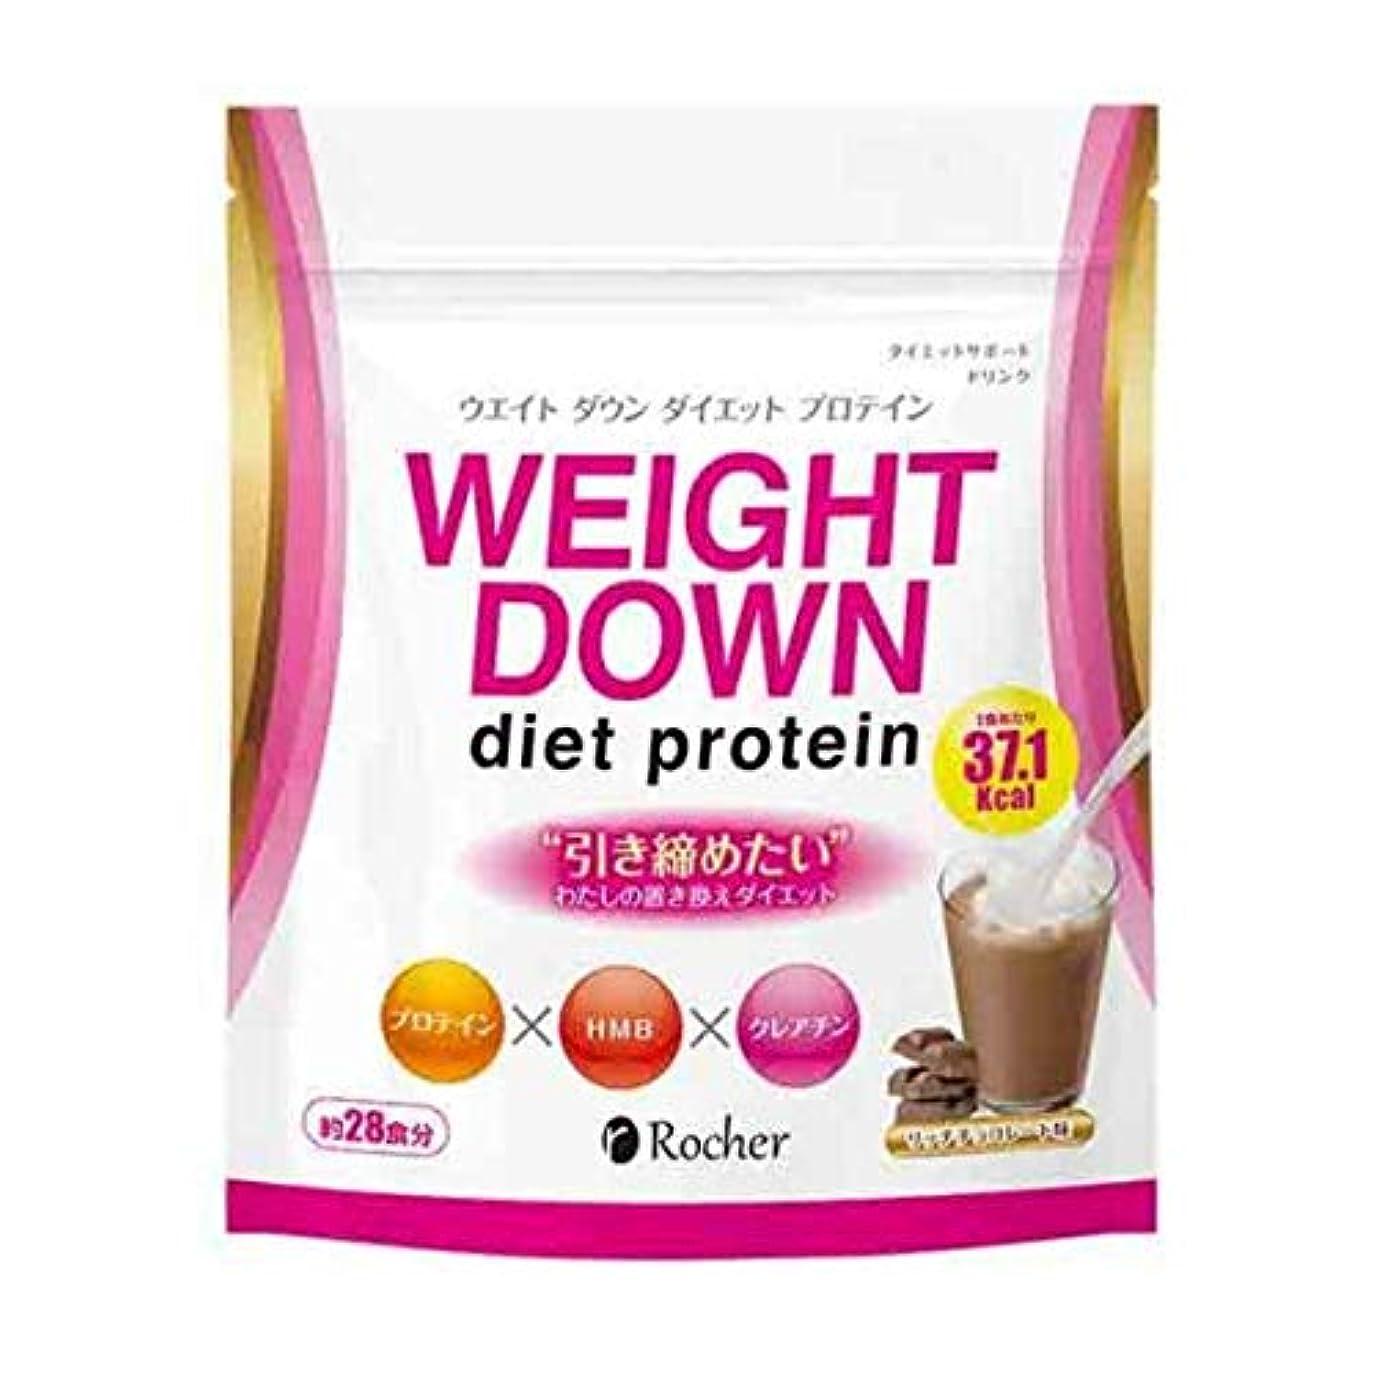 圧倒的強度考慮ウェイトダウン ダイエットプロテイン 置き換えダイエット!栄養バランを考えて作られたダイエットプロテイン